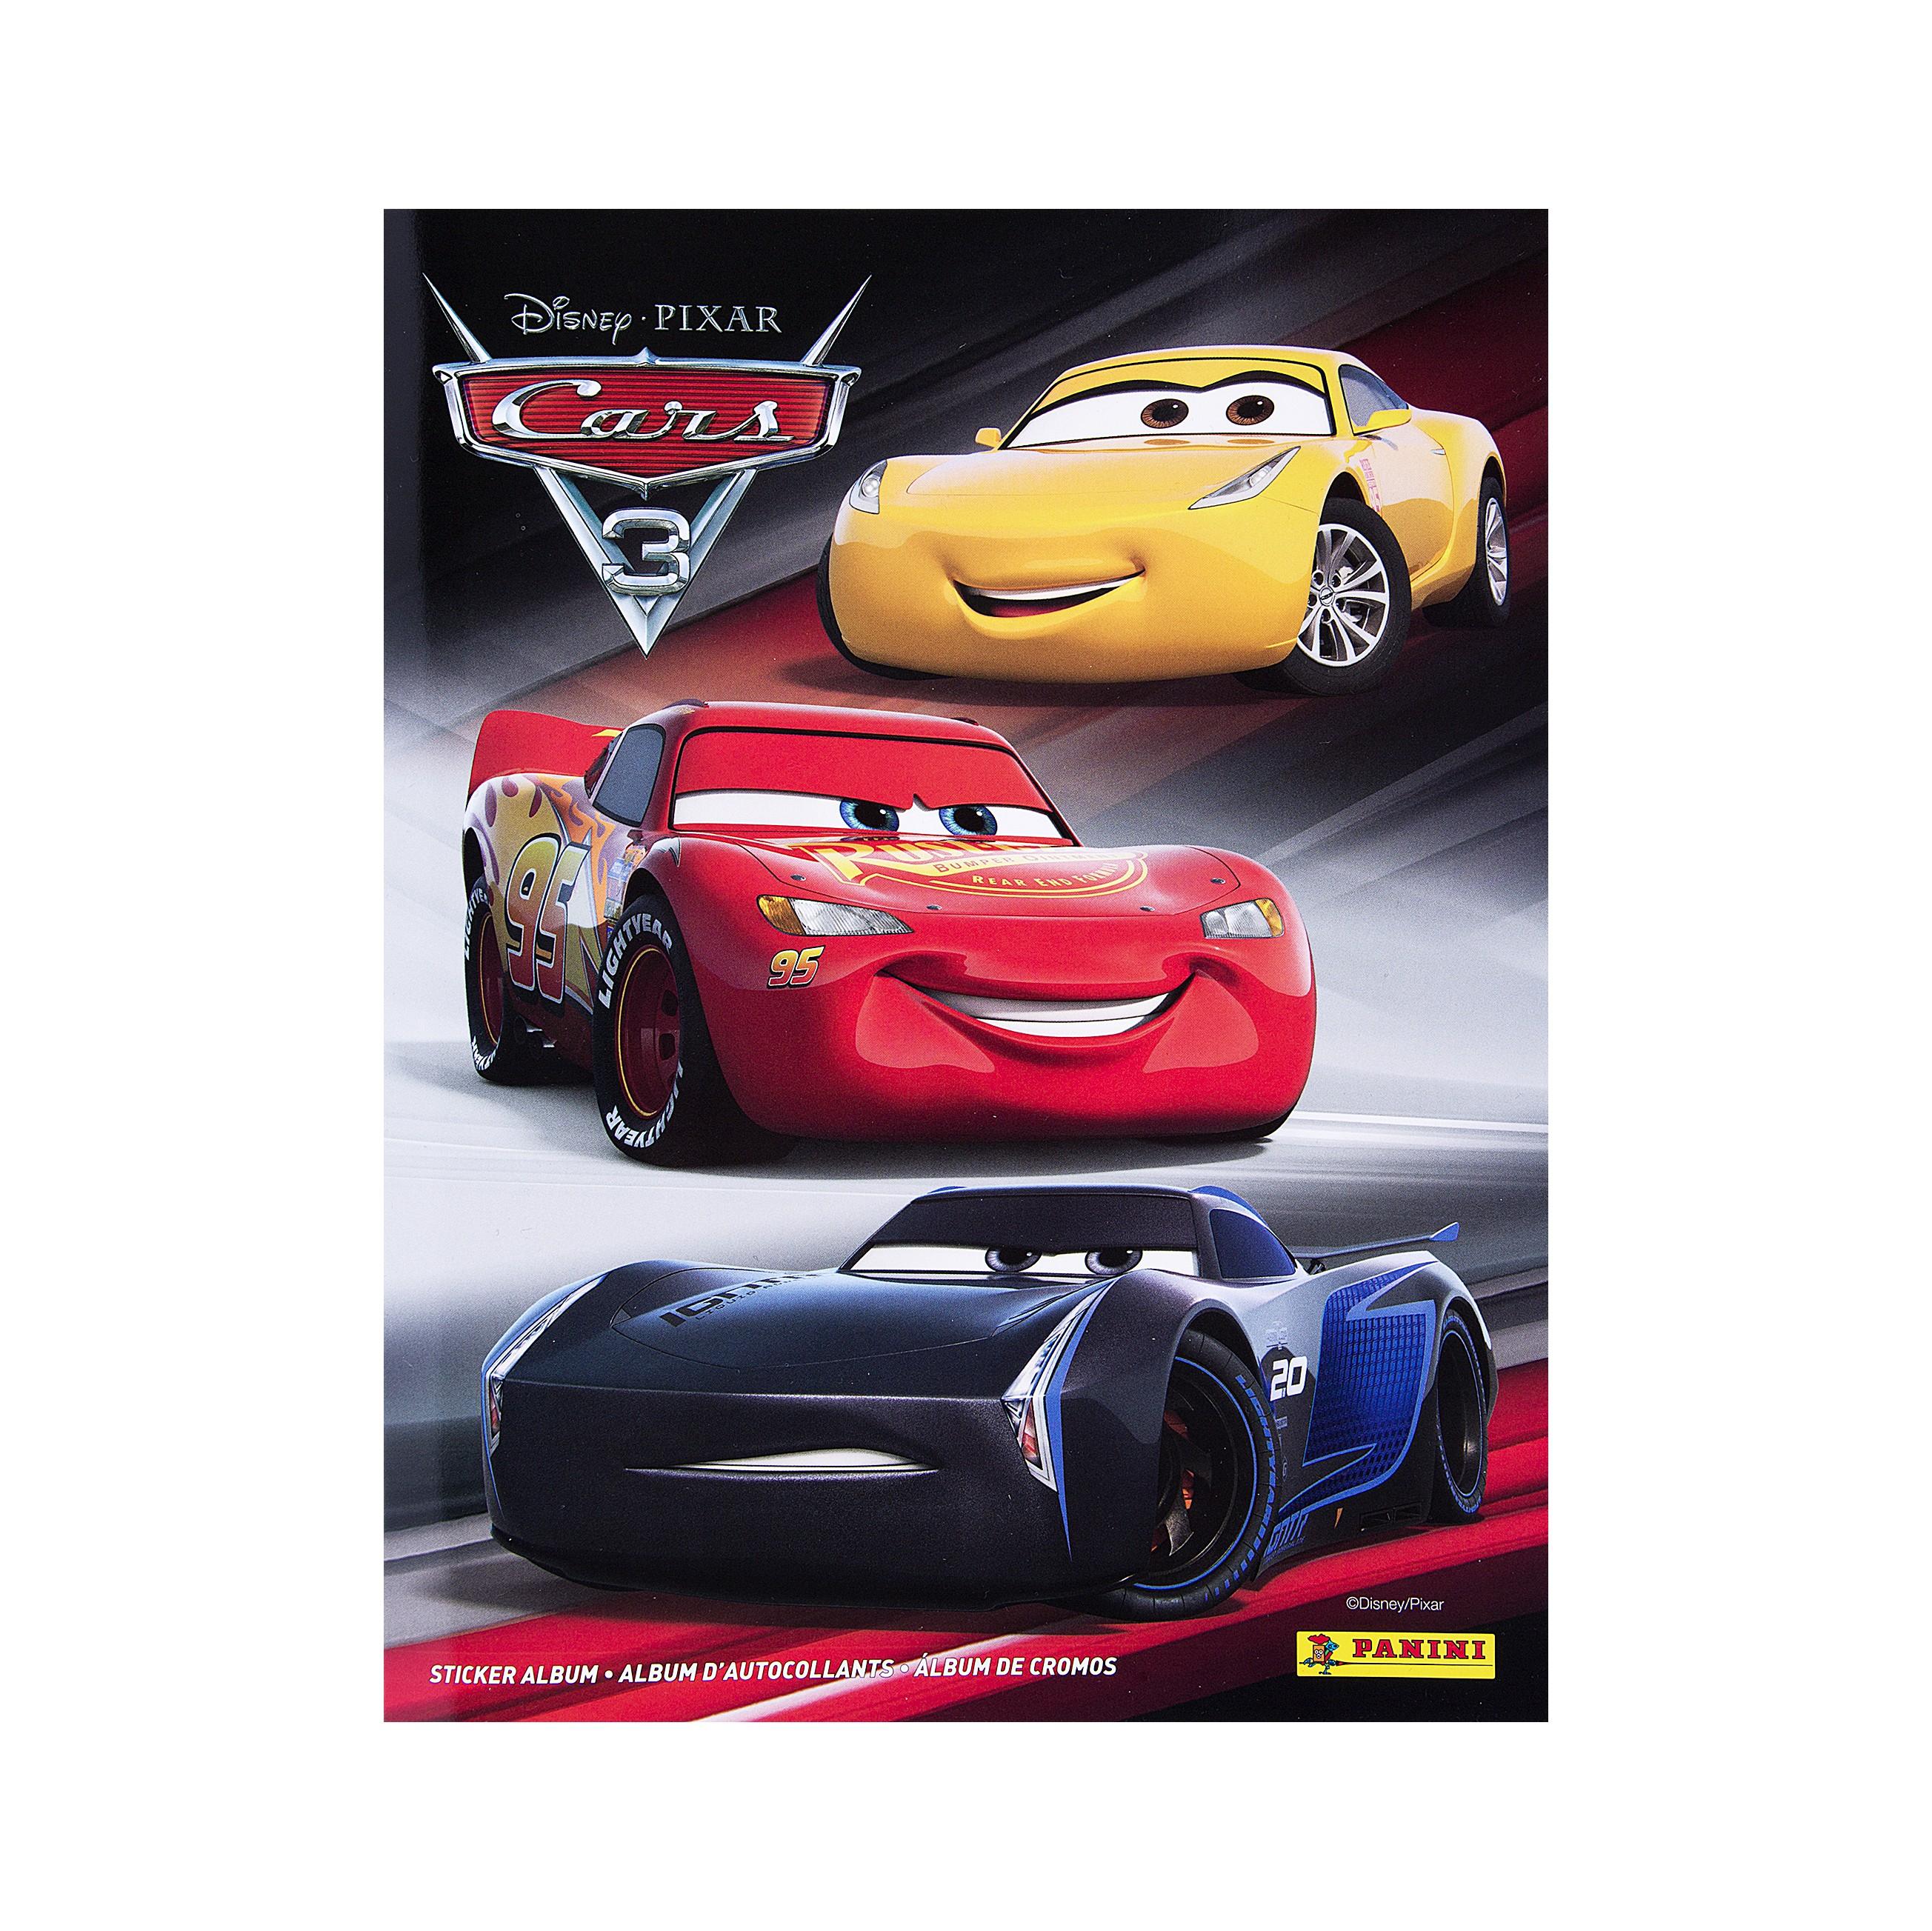 Panini Альбом для наклеек Тачки 3 15 наклеек в комплектеНовое поколение ультрасовременных гонщиков намеревается изменить мир гонок с помощью технологий и самых современных методов обучения. Что будет делать с этим Молния Маккуин, знаменитый гоночный автомобиль и чемпион Кубка Поршня? Коллекция наклеек посвящена третьему мультфильму студий Disney и Pixar по самой популярной франшизе для мальчиков – «Тачки». Всего для вклеивания 208 наклеек, из них: 144 базовые, 24 блестящие, 4 фигурные, 24 для постера и 12 объемные, формат 210х270мм, 32 с.<br>